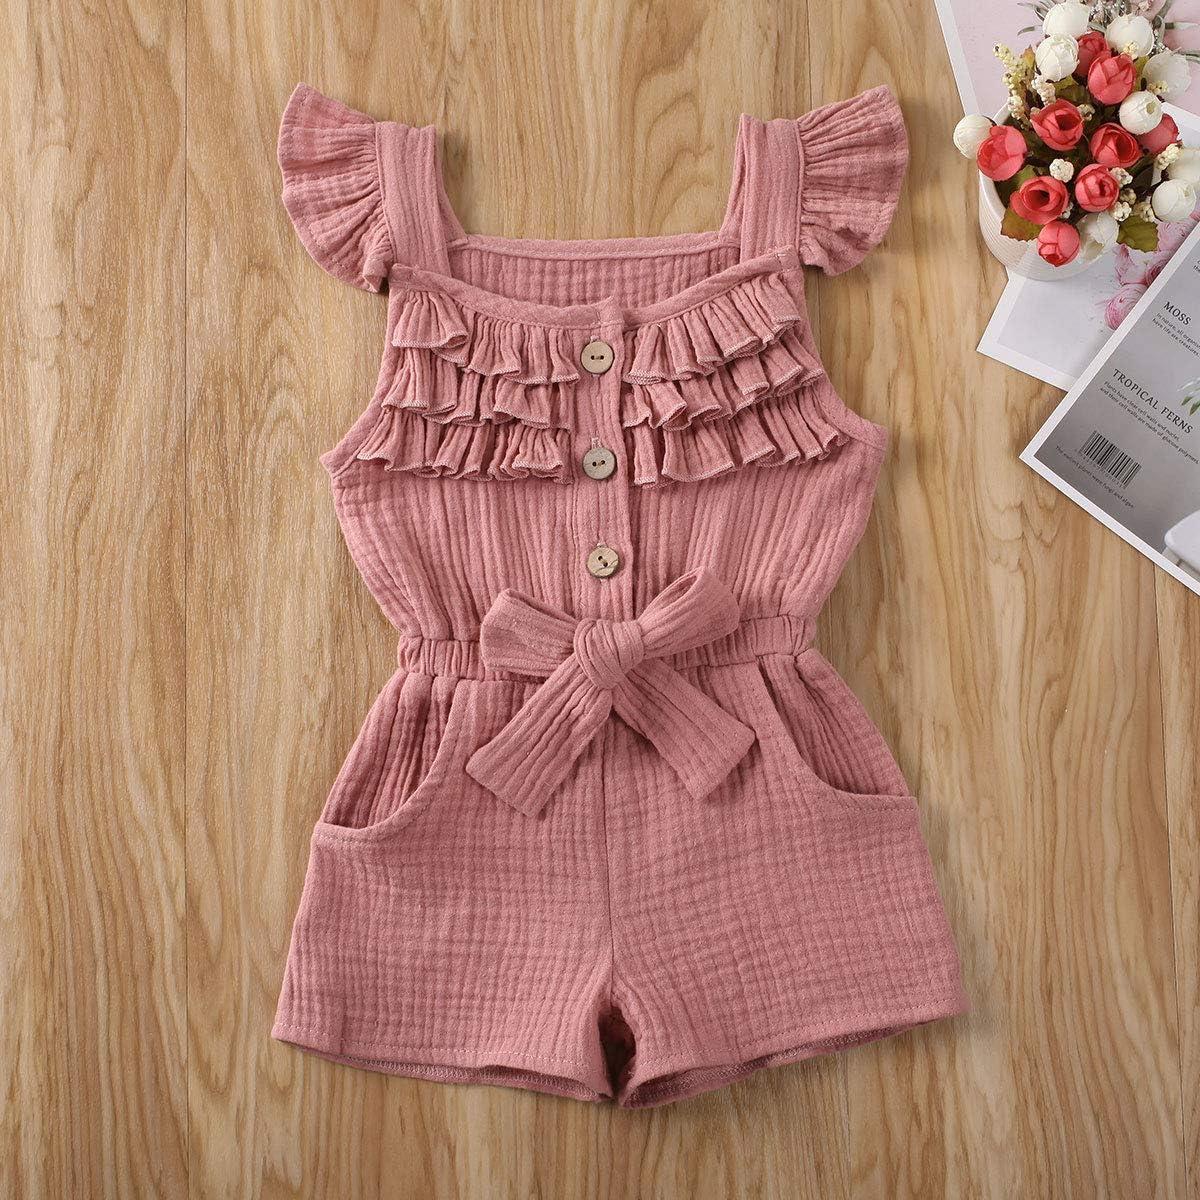 Toddler Little Girl Demin Off Shoulder Ruffle Pocket Romper Jumpsuit Clothes Set